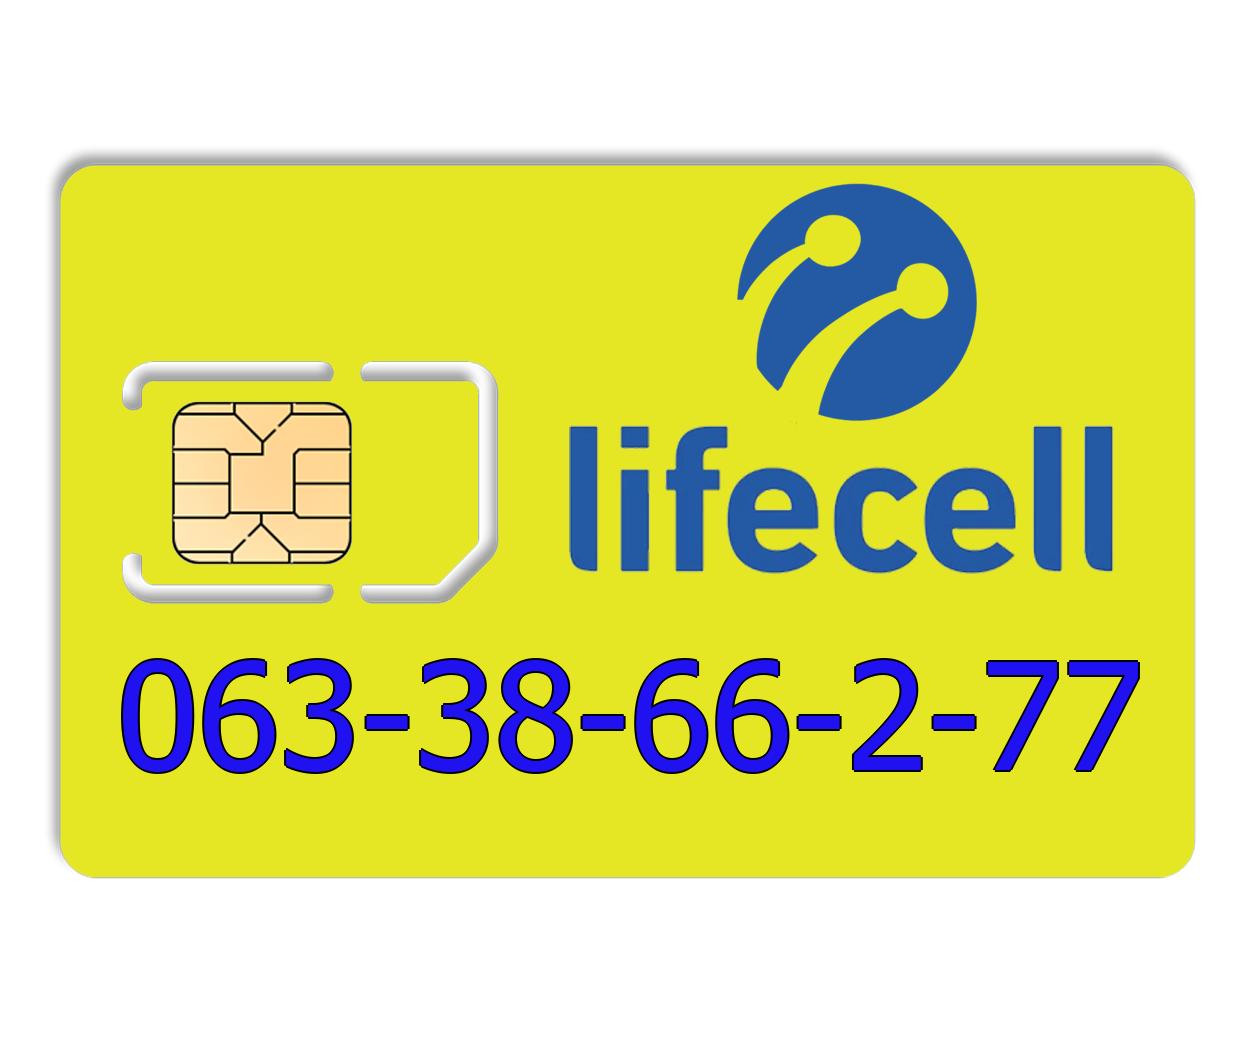 Красивый номер lifecell 063-38-66-2-77